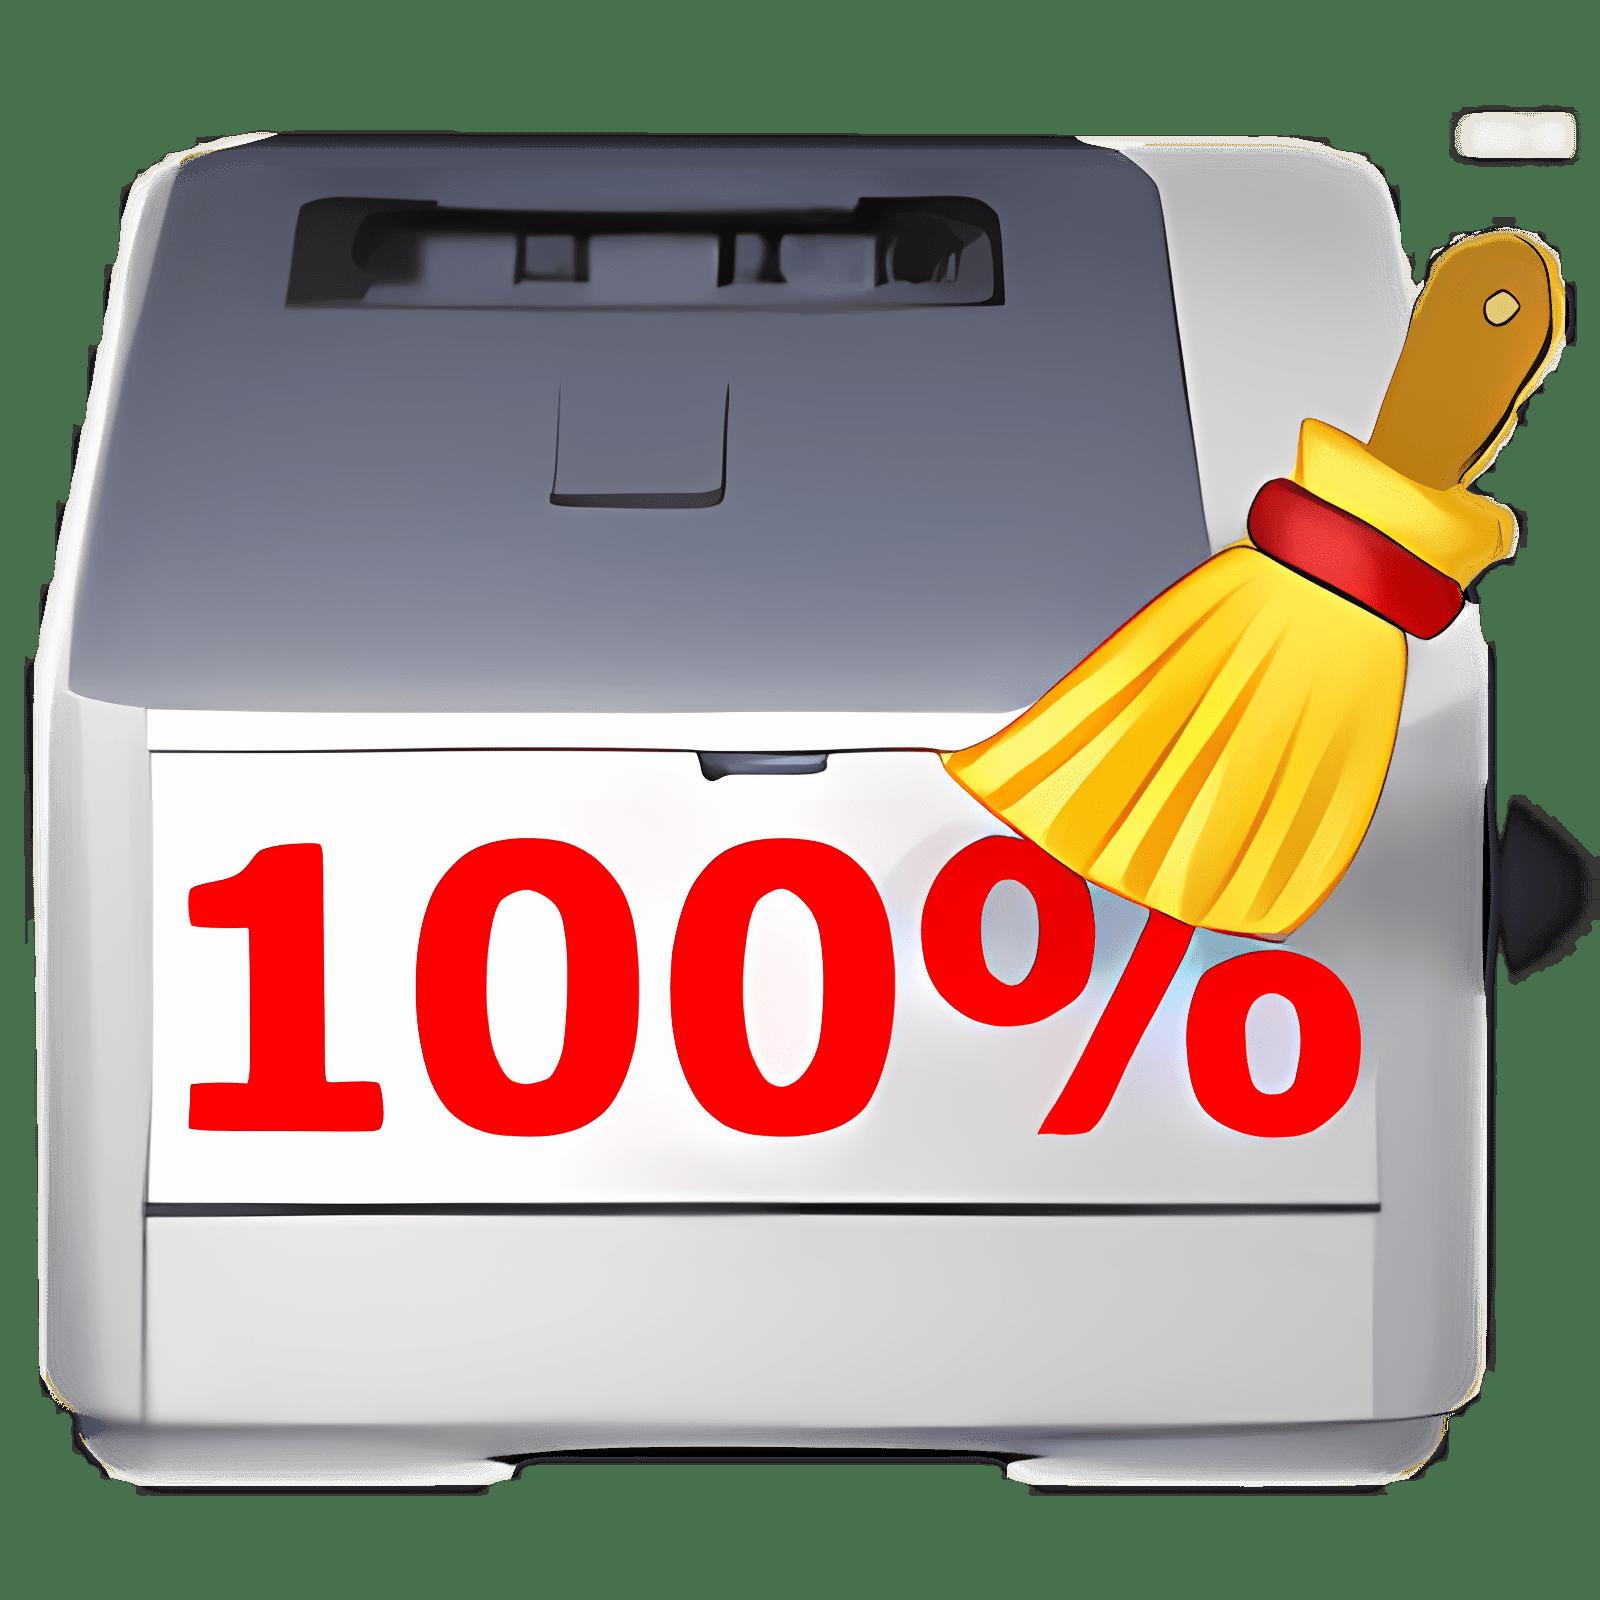 OKI Printer Resetter